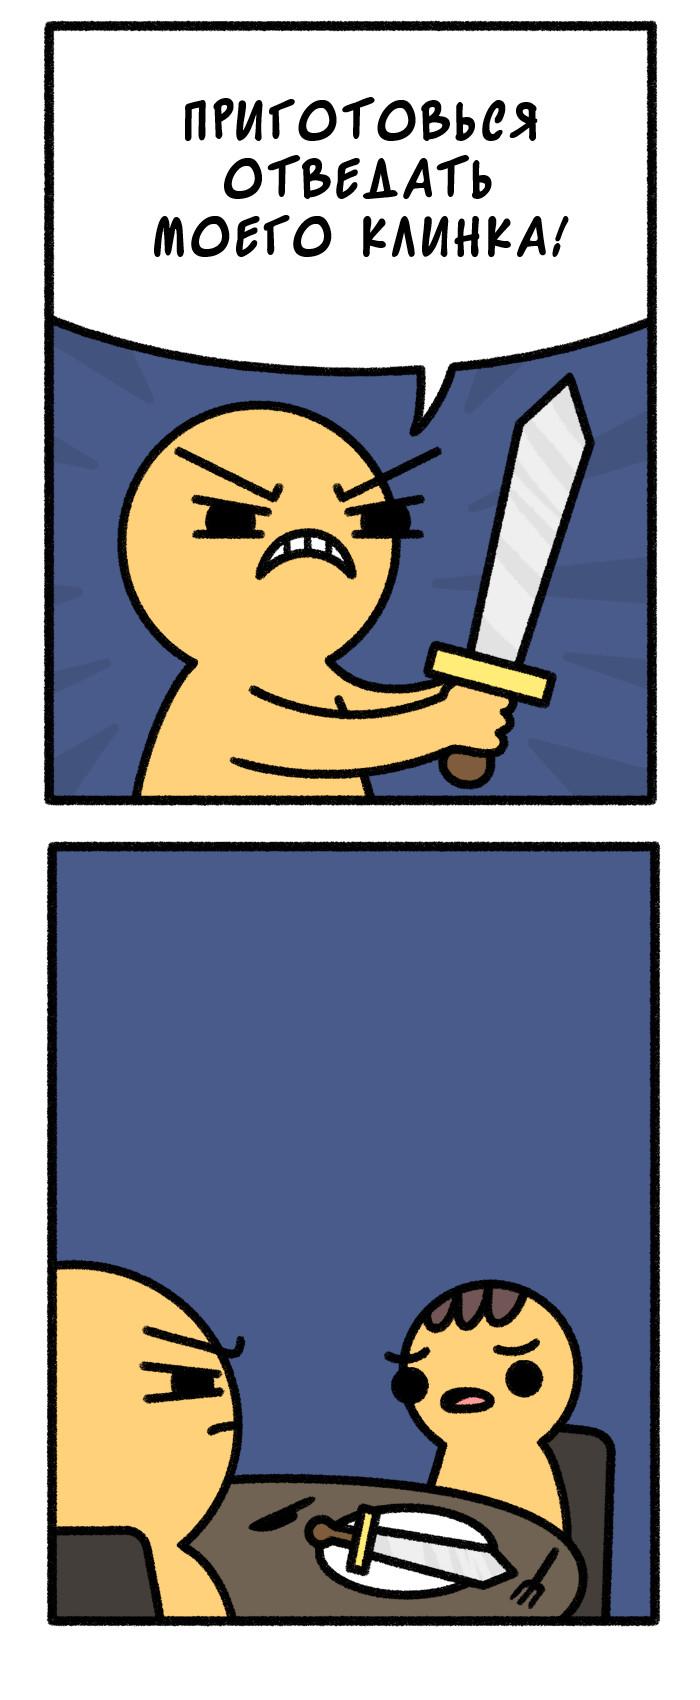 Клинок Safely Endangered, Комиксы, Длиннопост